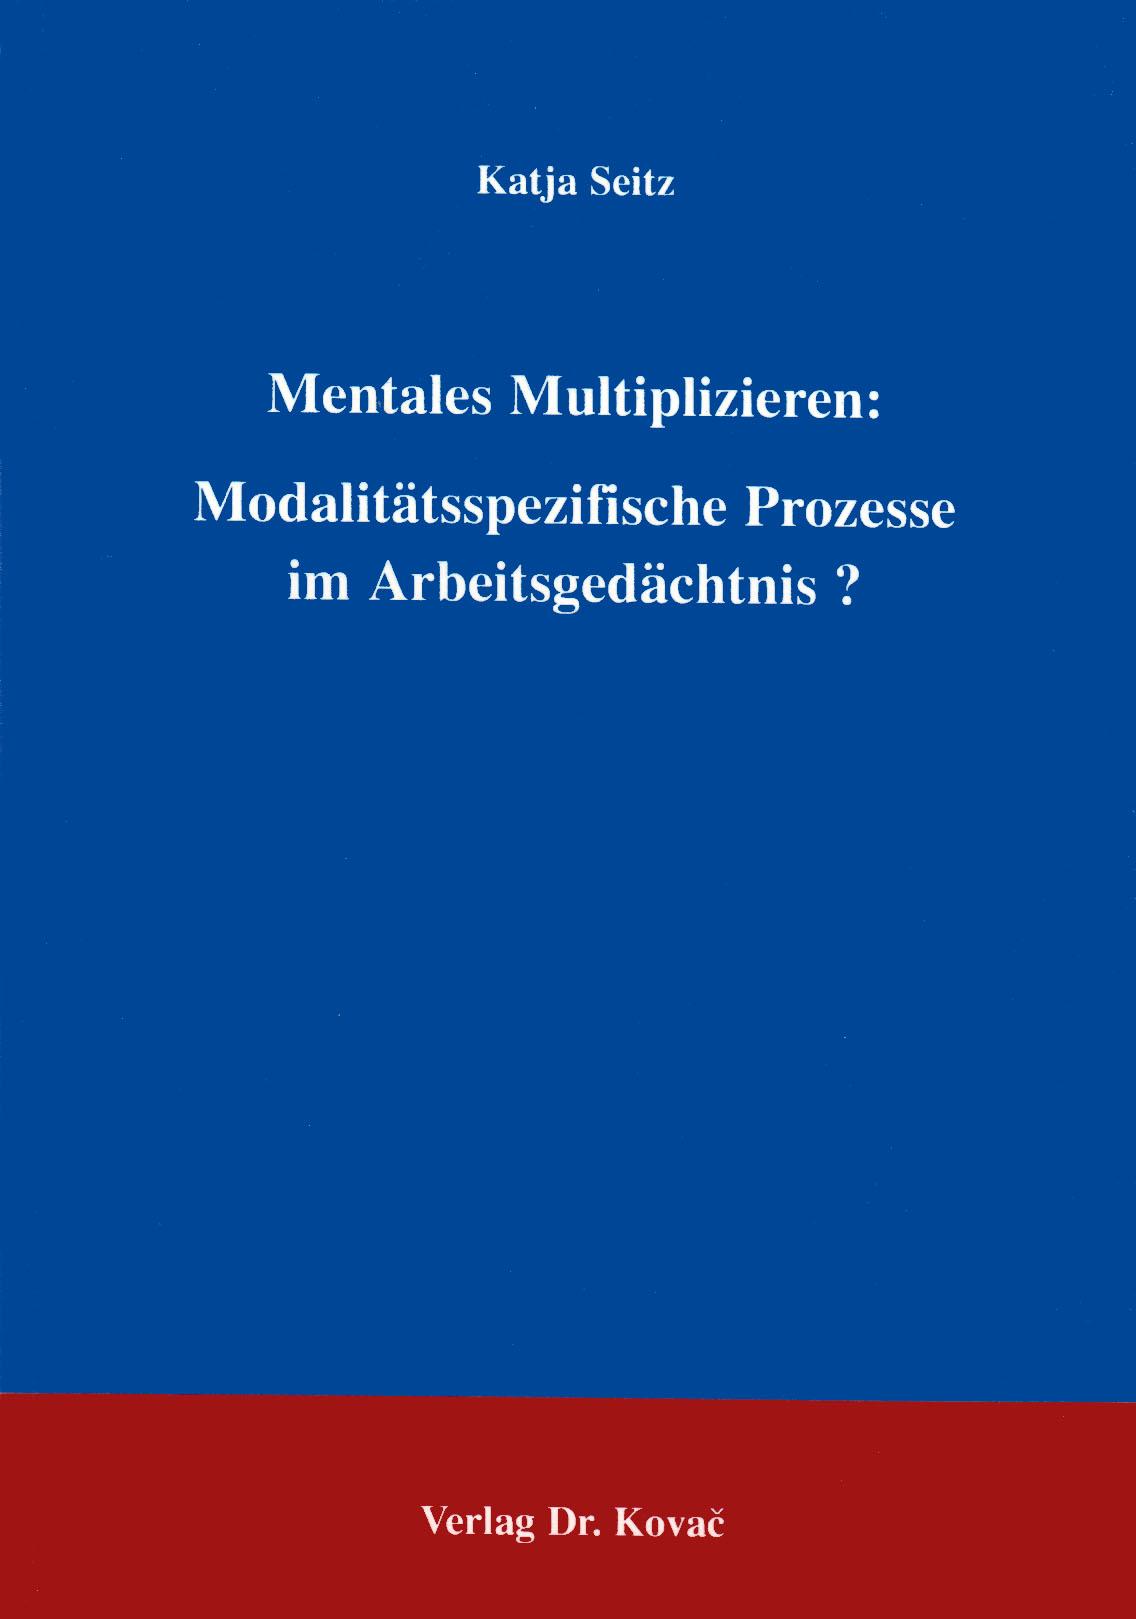 Cover: Mentales Multiplizieren: Modalitätsspezifische Prozesse im Arbeitsgedächtnis?